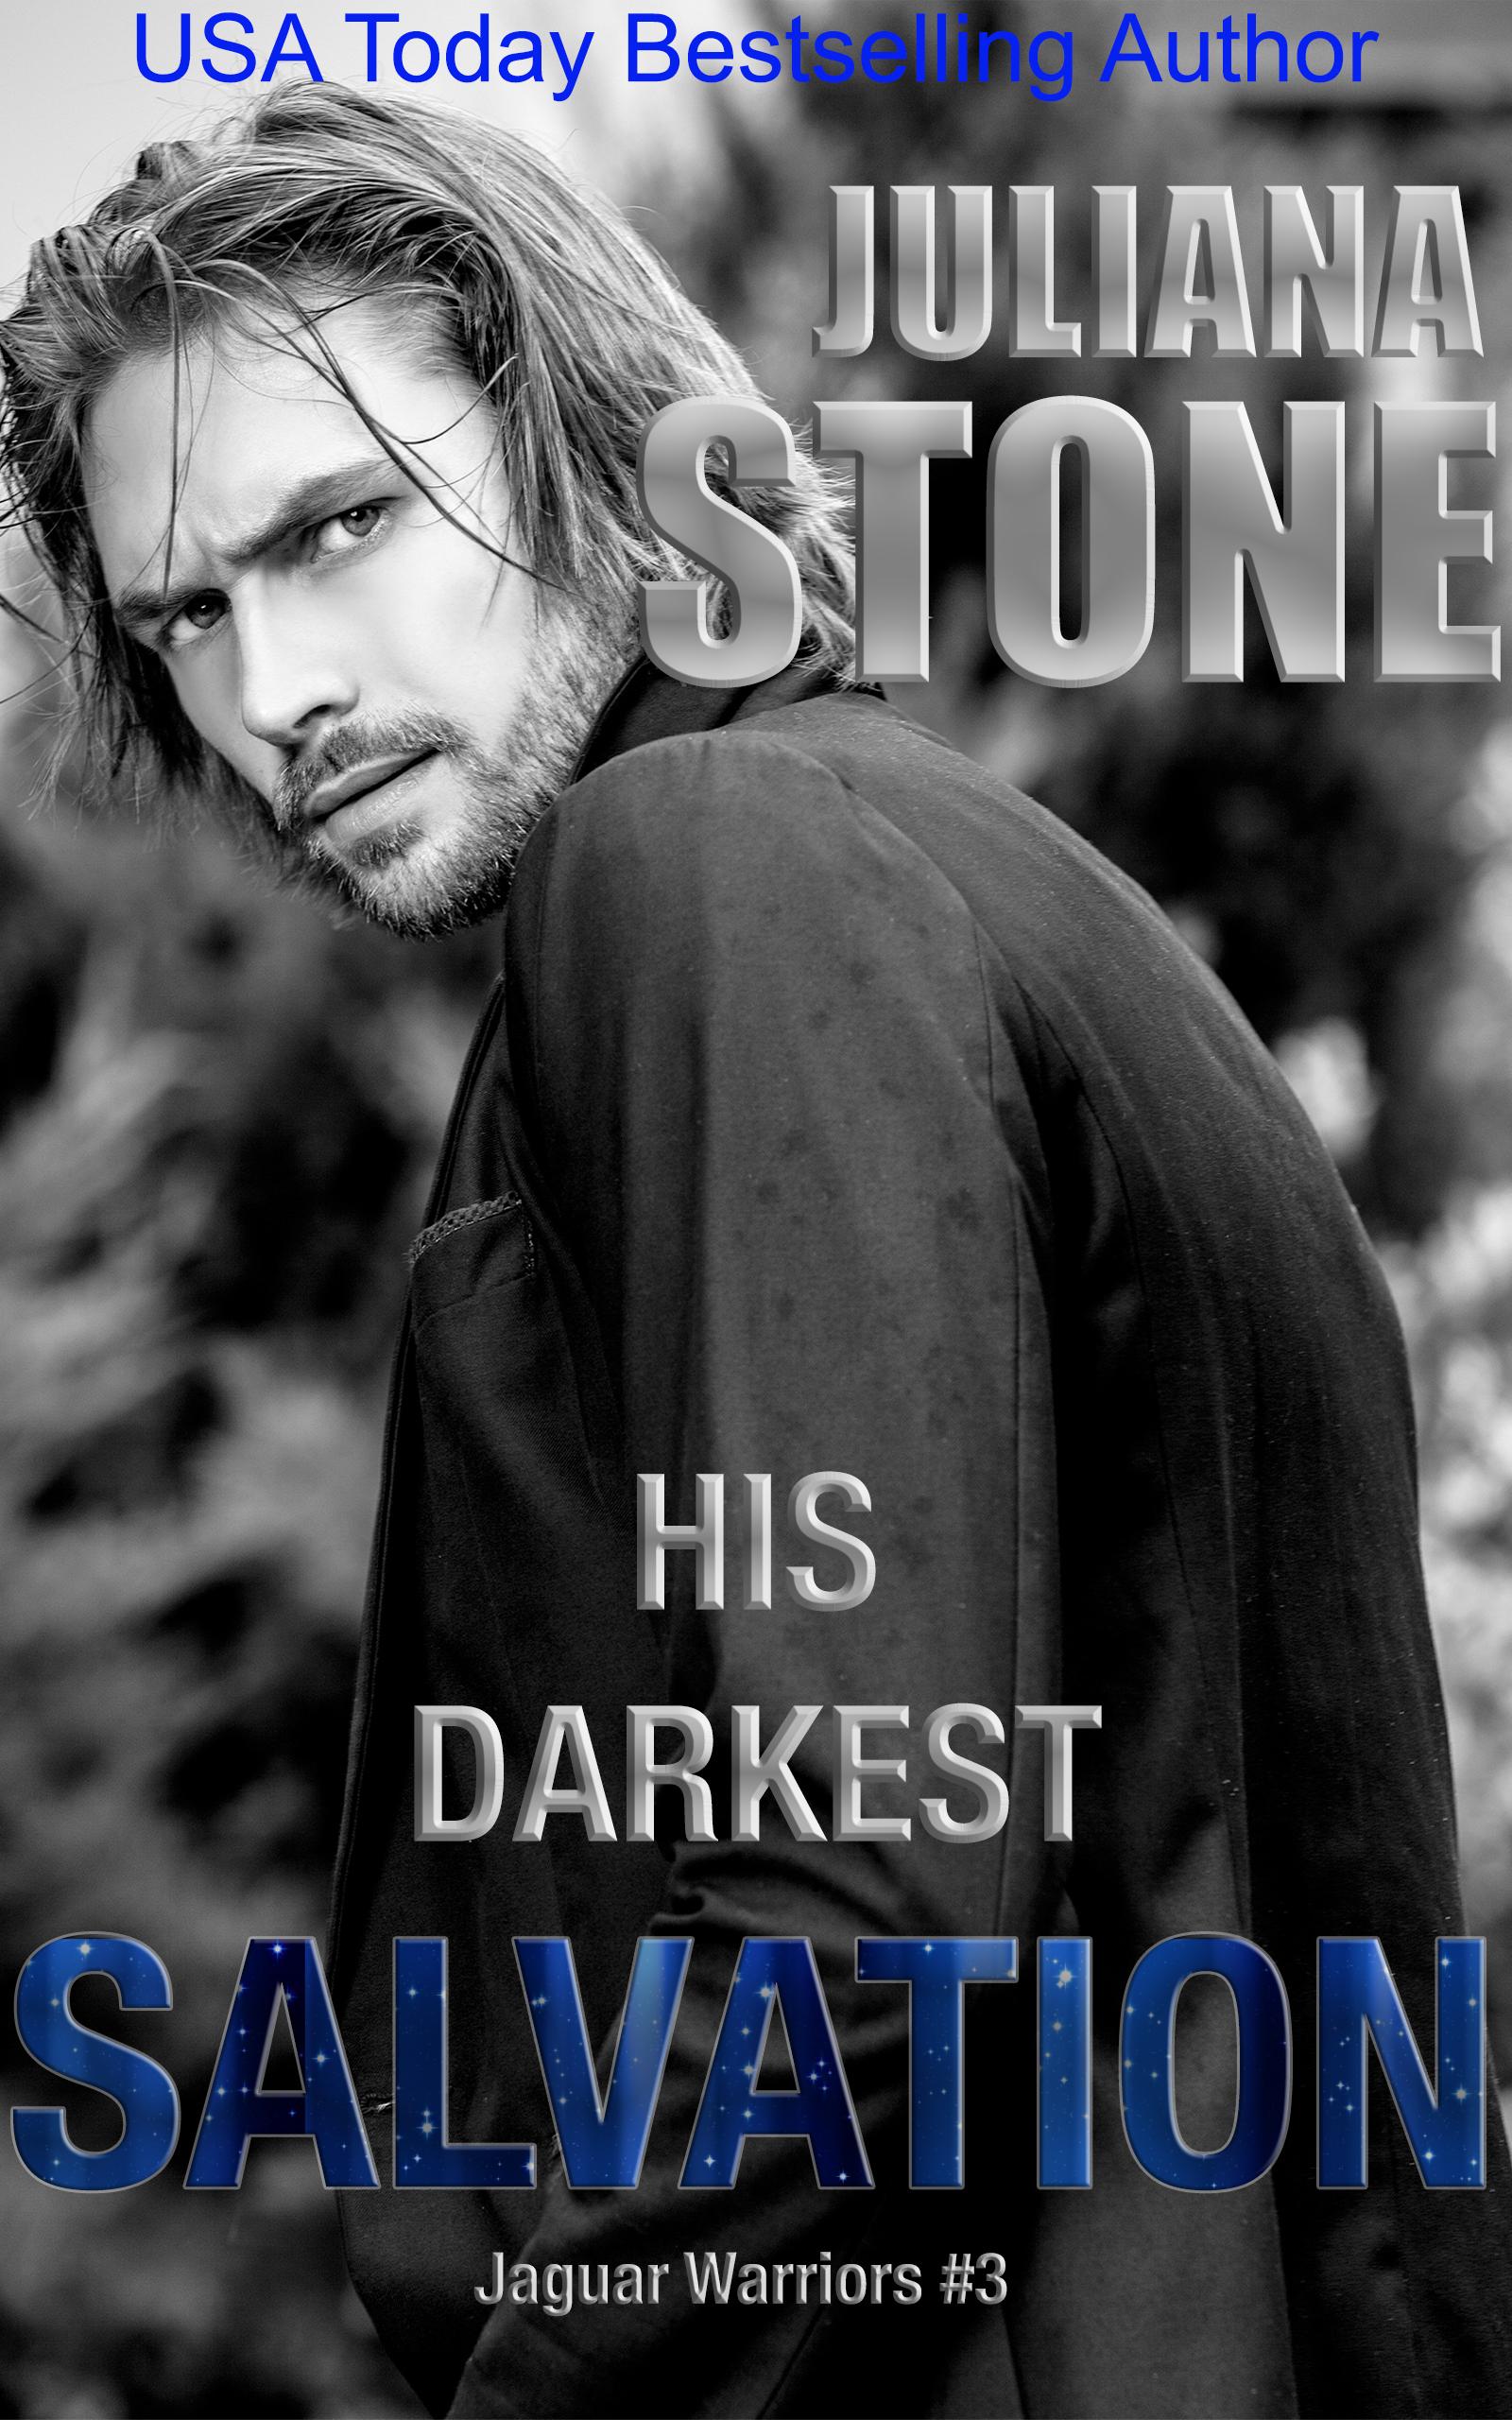 His Darkest Salvation by Juliana Stone